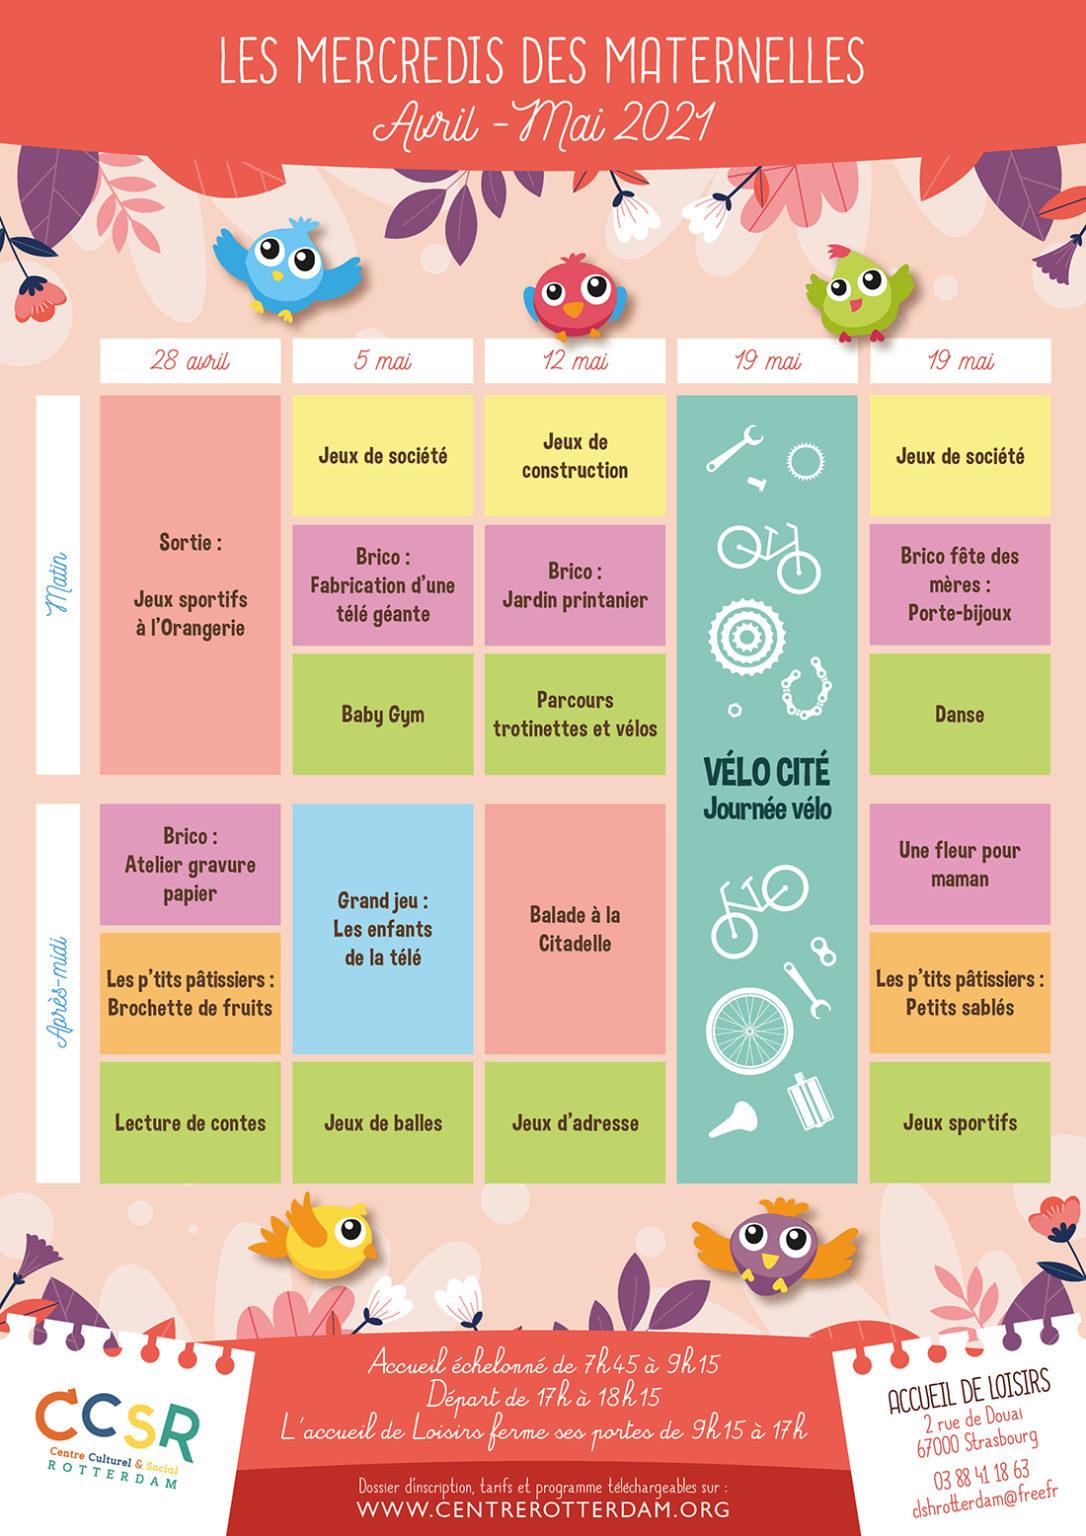 Programme - Les mercredis des maternelles - Avril-Mai 2021